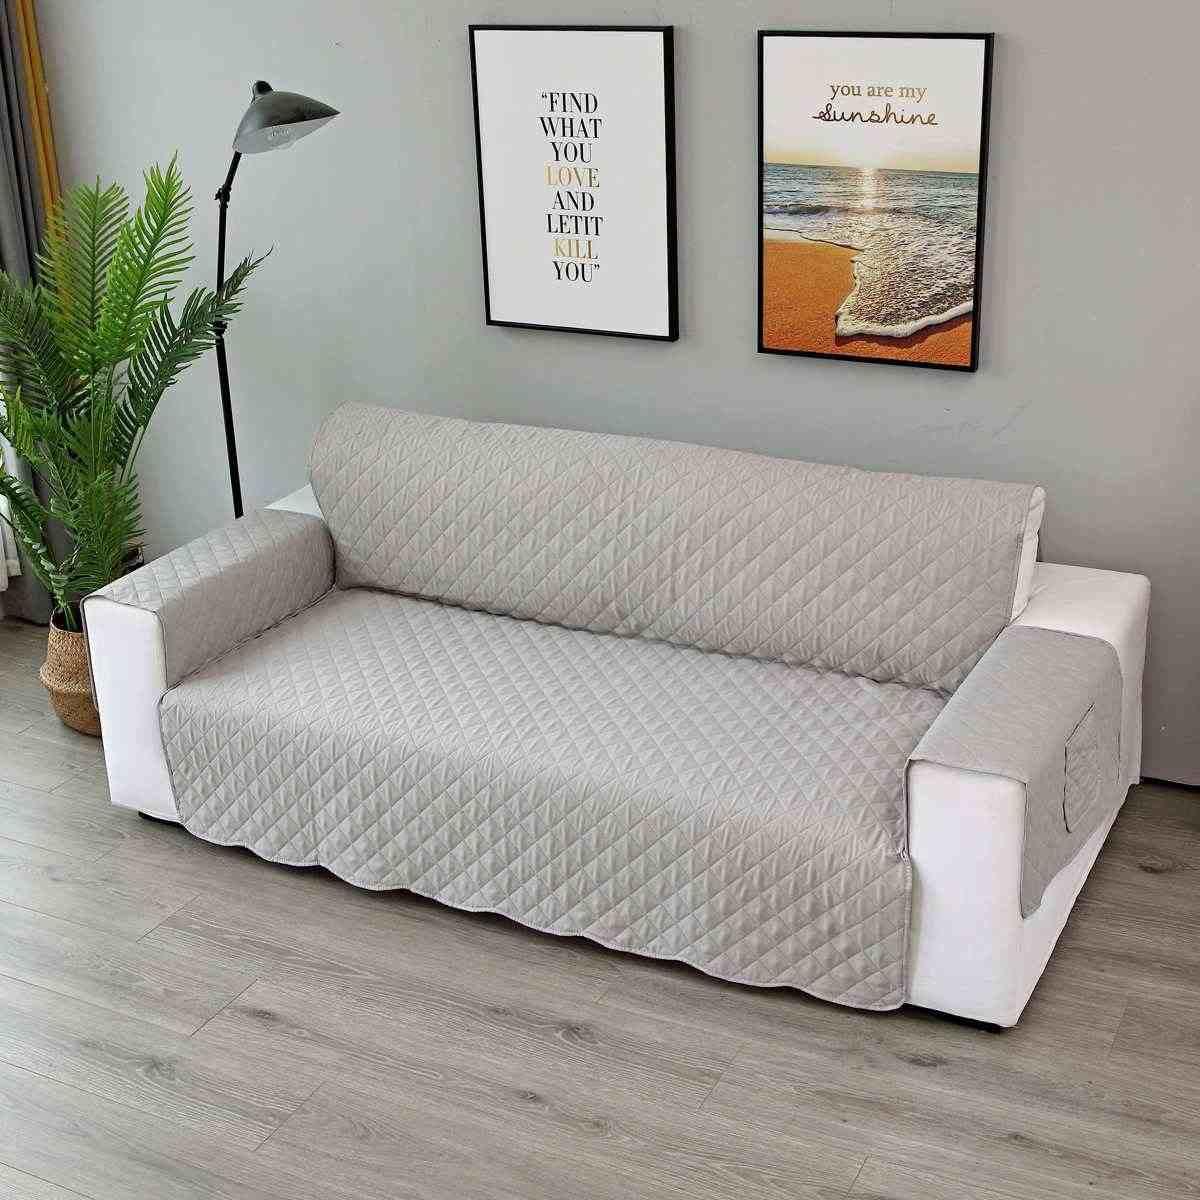 Funda de sofá abrigo de sofá impermeable resistente al desgaste almohadilla de sofá para mascotas sofá 1/2/3 asiento de mantas a prueba de mordidas con bolsillo